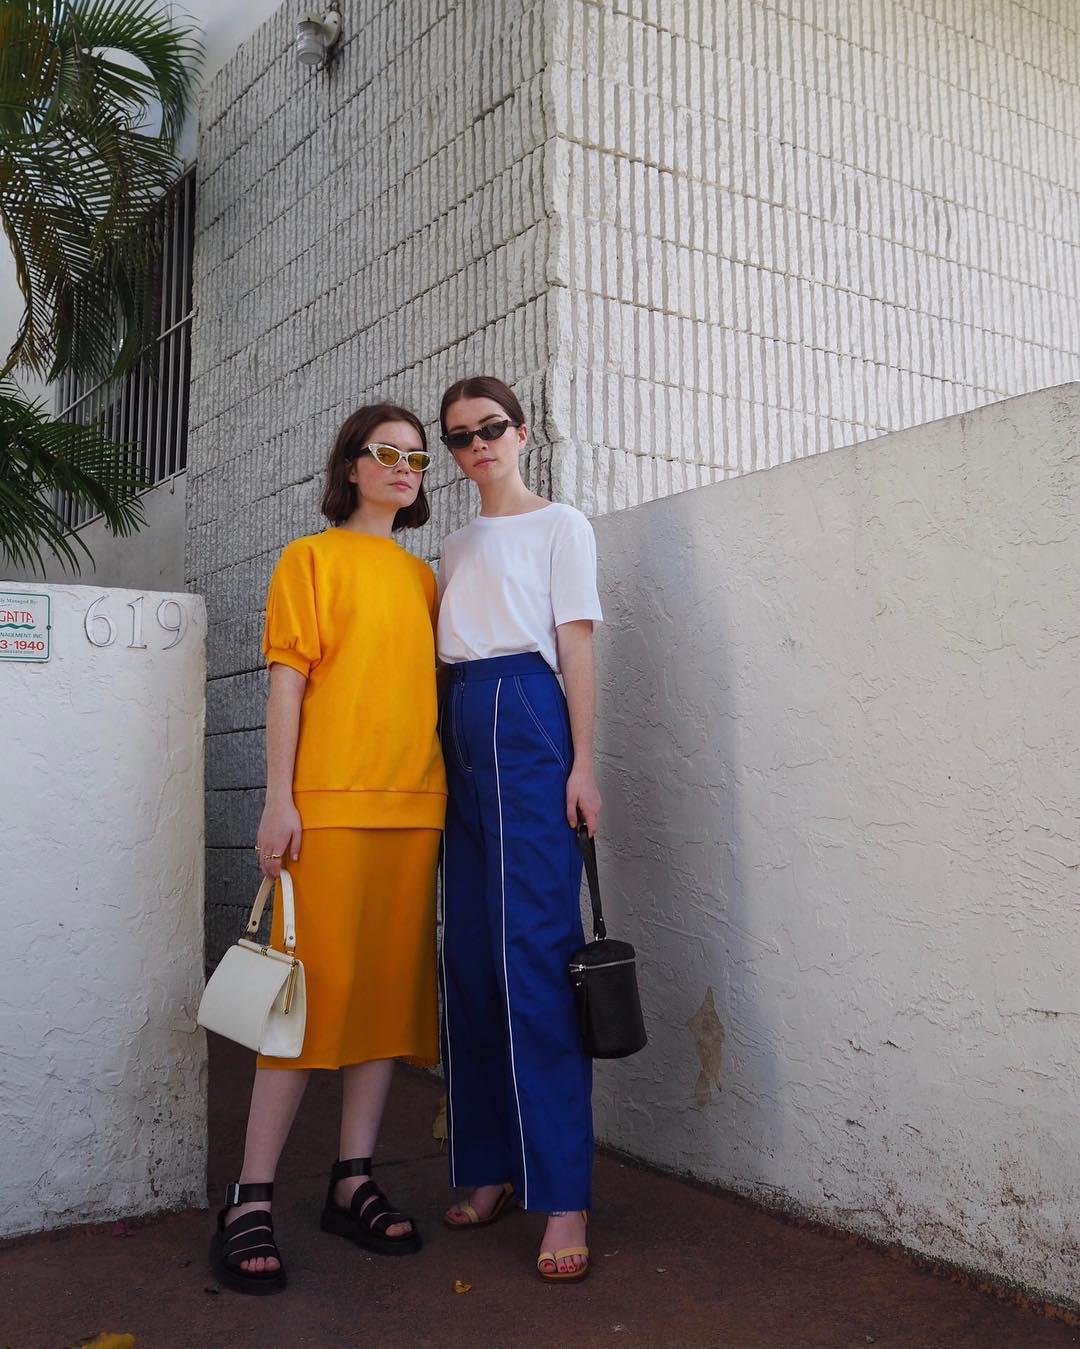 Phong cách thời trang trẻ của chị em sinh đôi 3